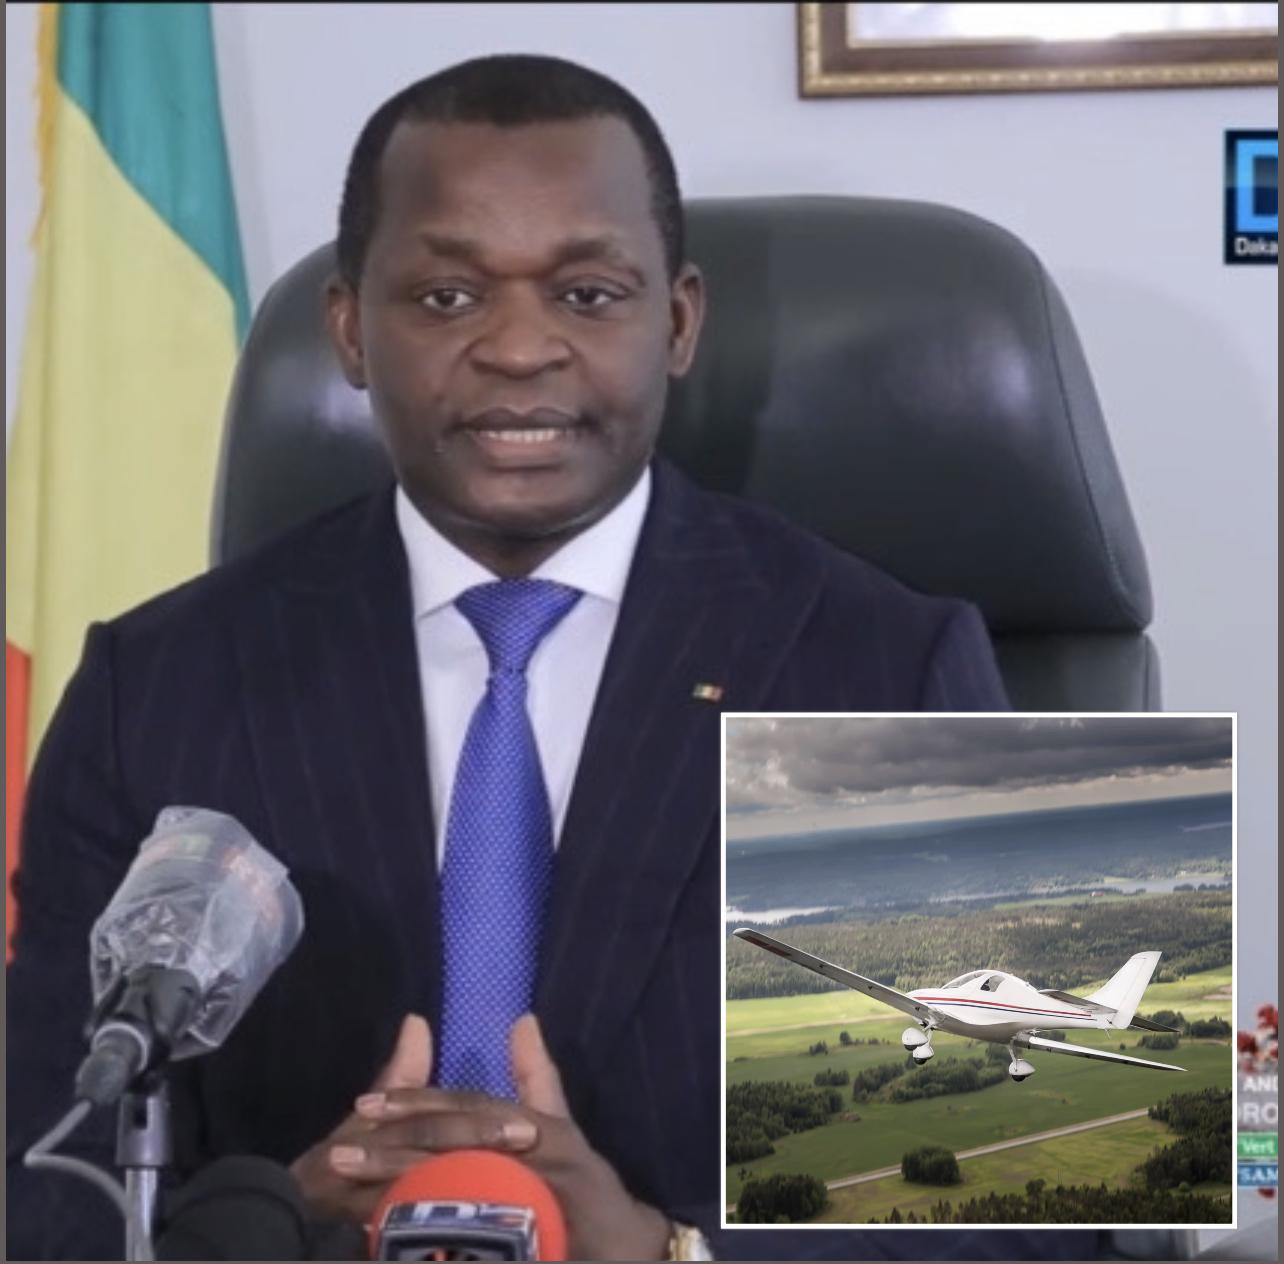 Survol illégal d'Aéronefdans les zones de sécurité : Le ministère du Tourisme immobilise l'appareil et ouvre une enquête.